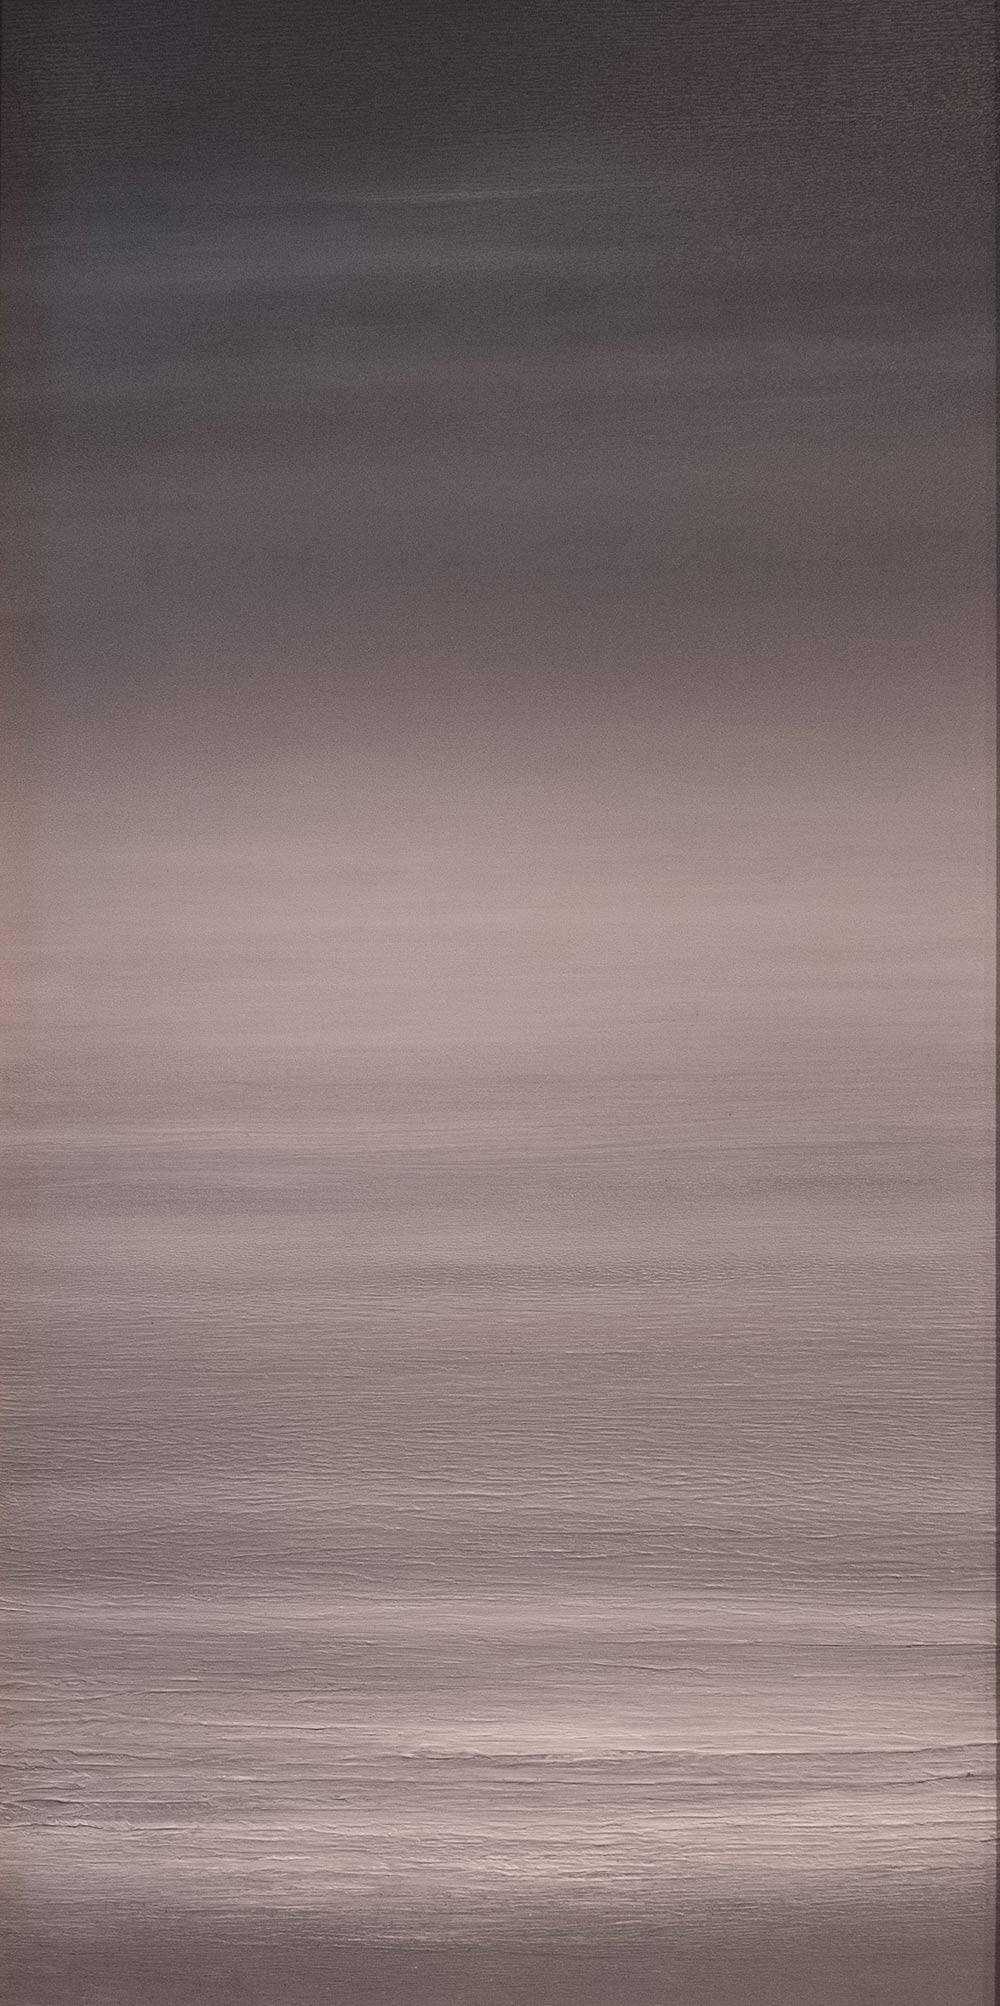 David-Joy-Seascapes-D19-013-55